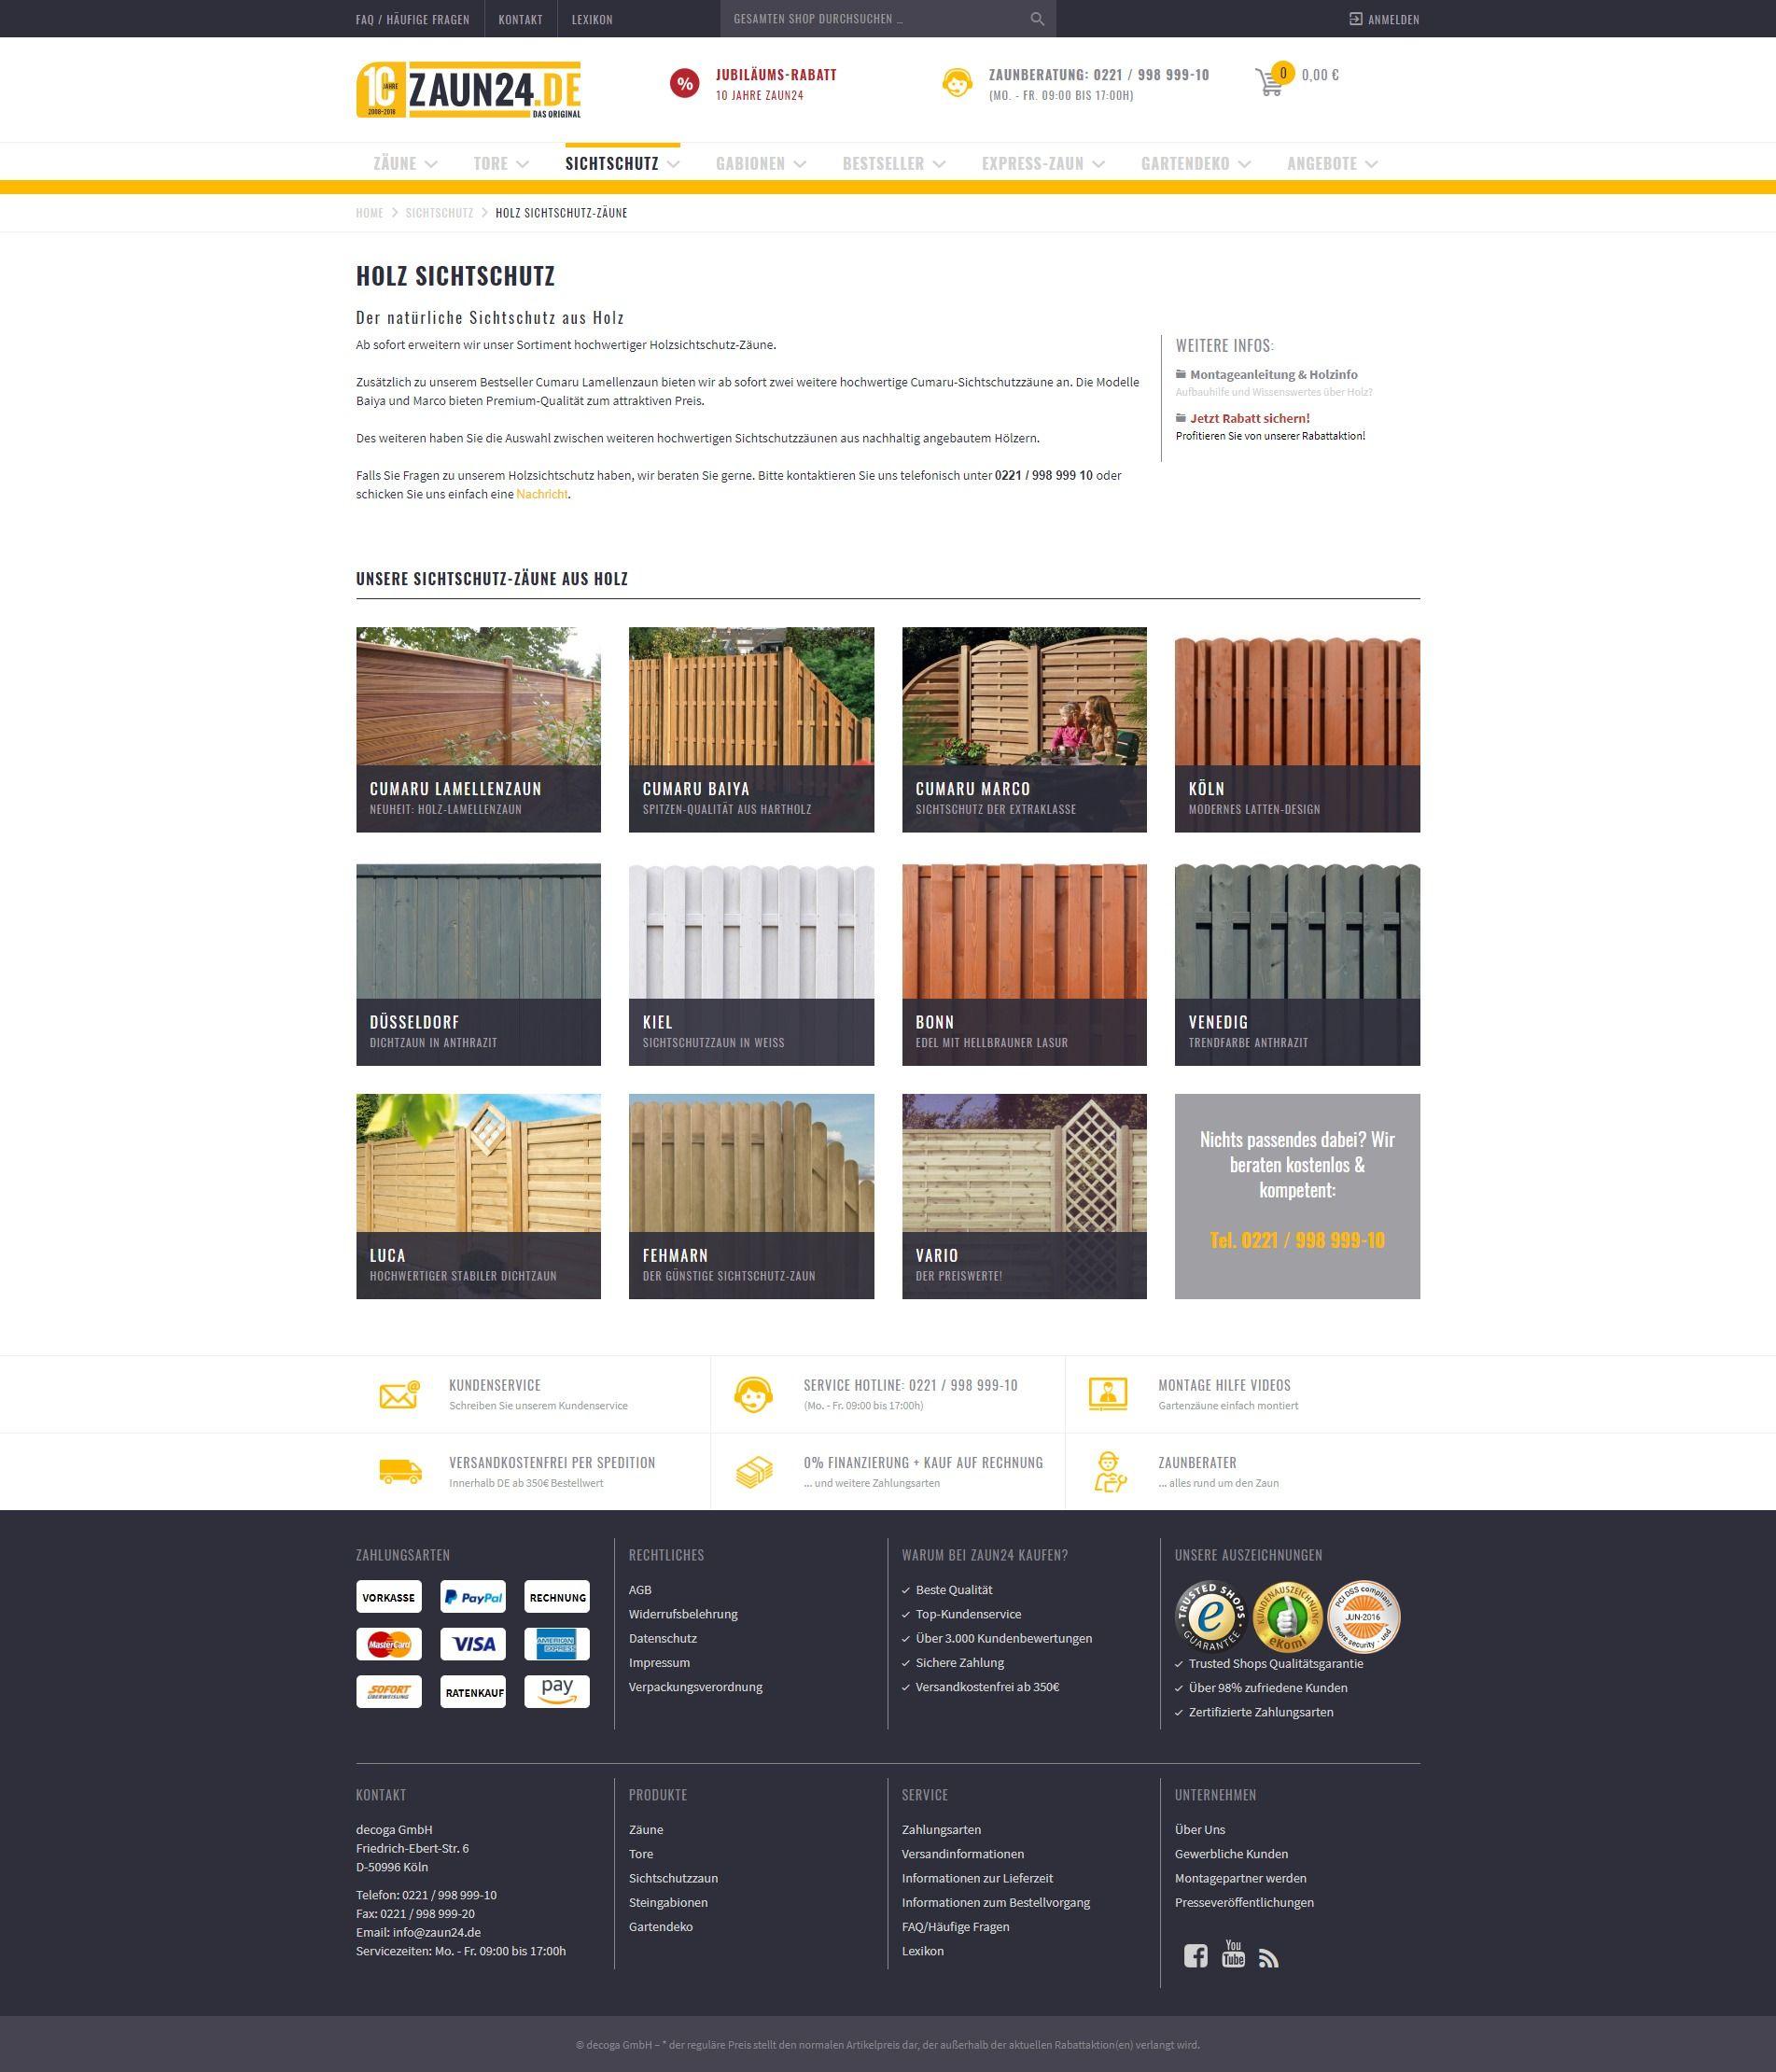 5abcfb958af092 Holz-Sichtschutzzaun online kaufen bei ZAUN24. Schauen Sie doch mal rein! -  ZAUN24